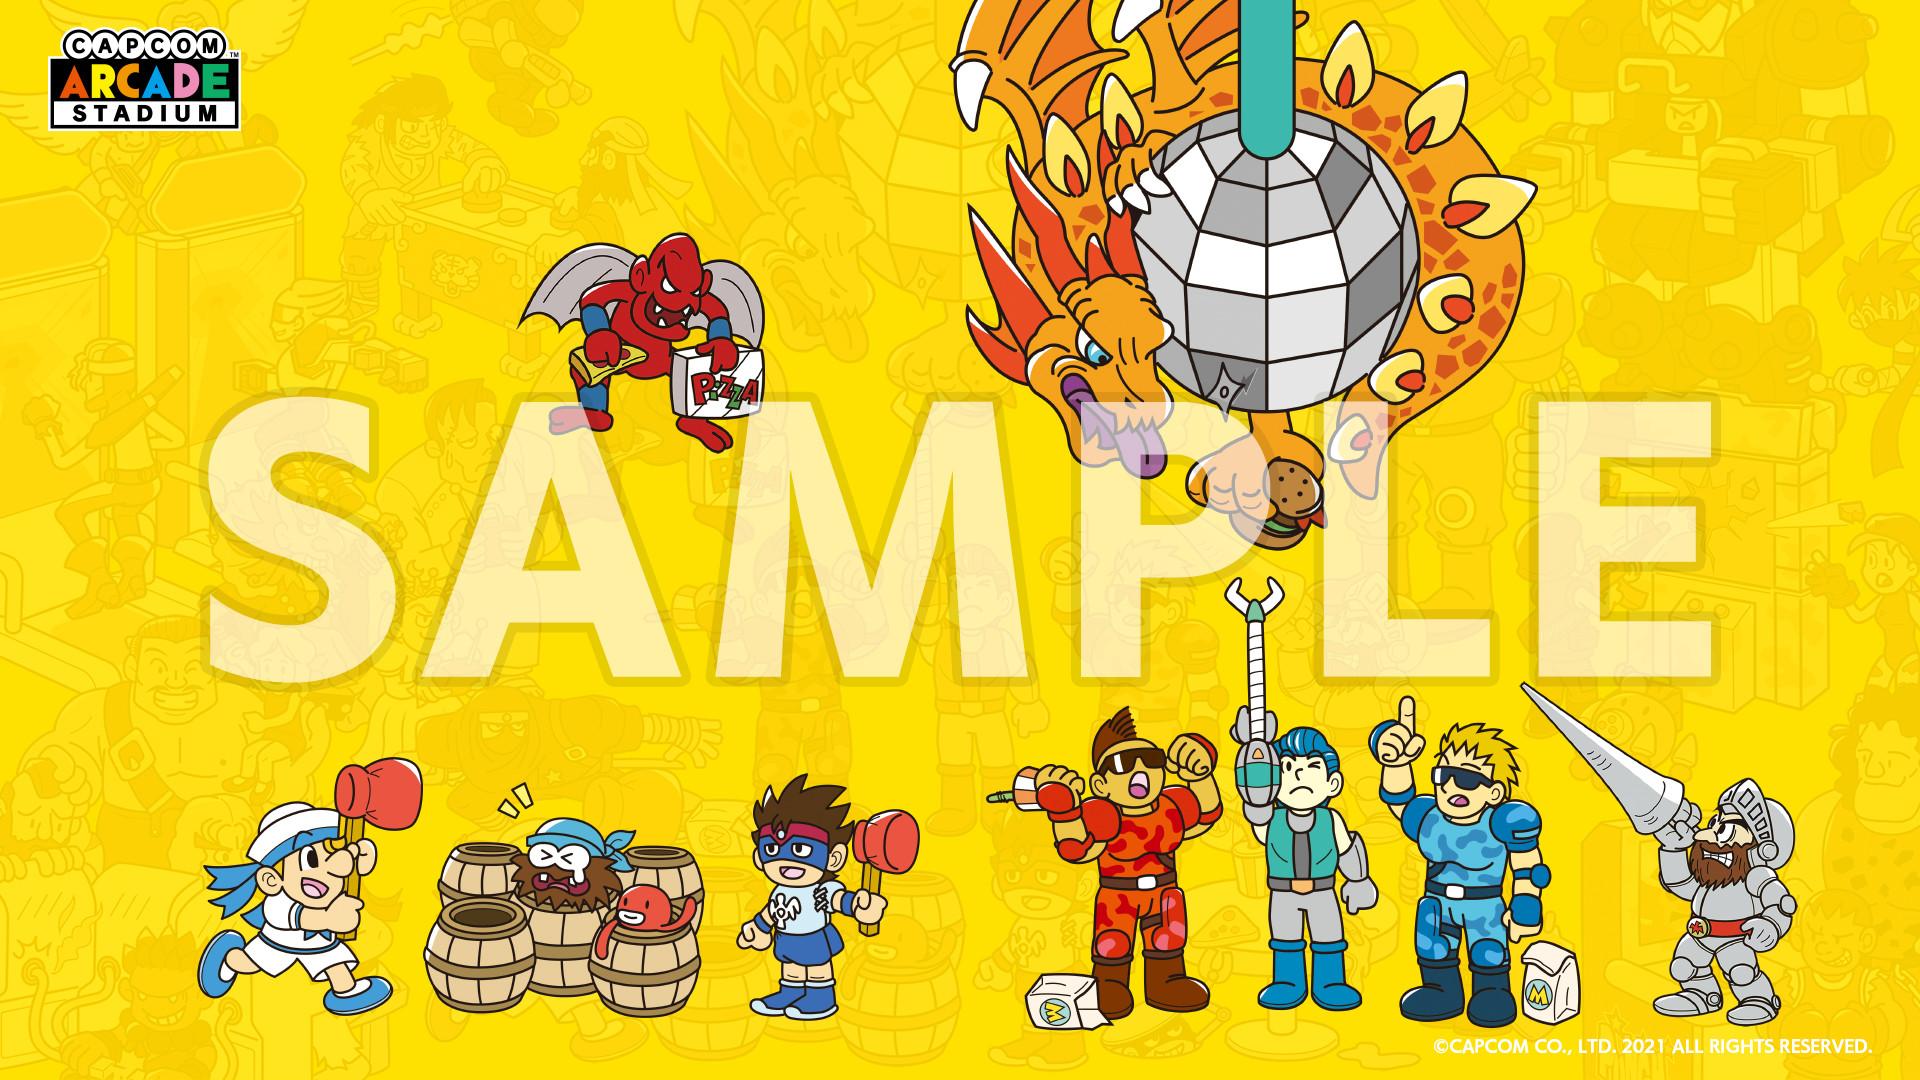 卡普空街机名作合集豪华全DLC收藏版/Capcom Arcade Stadium插图8